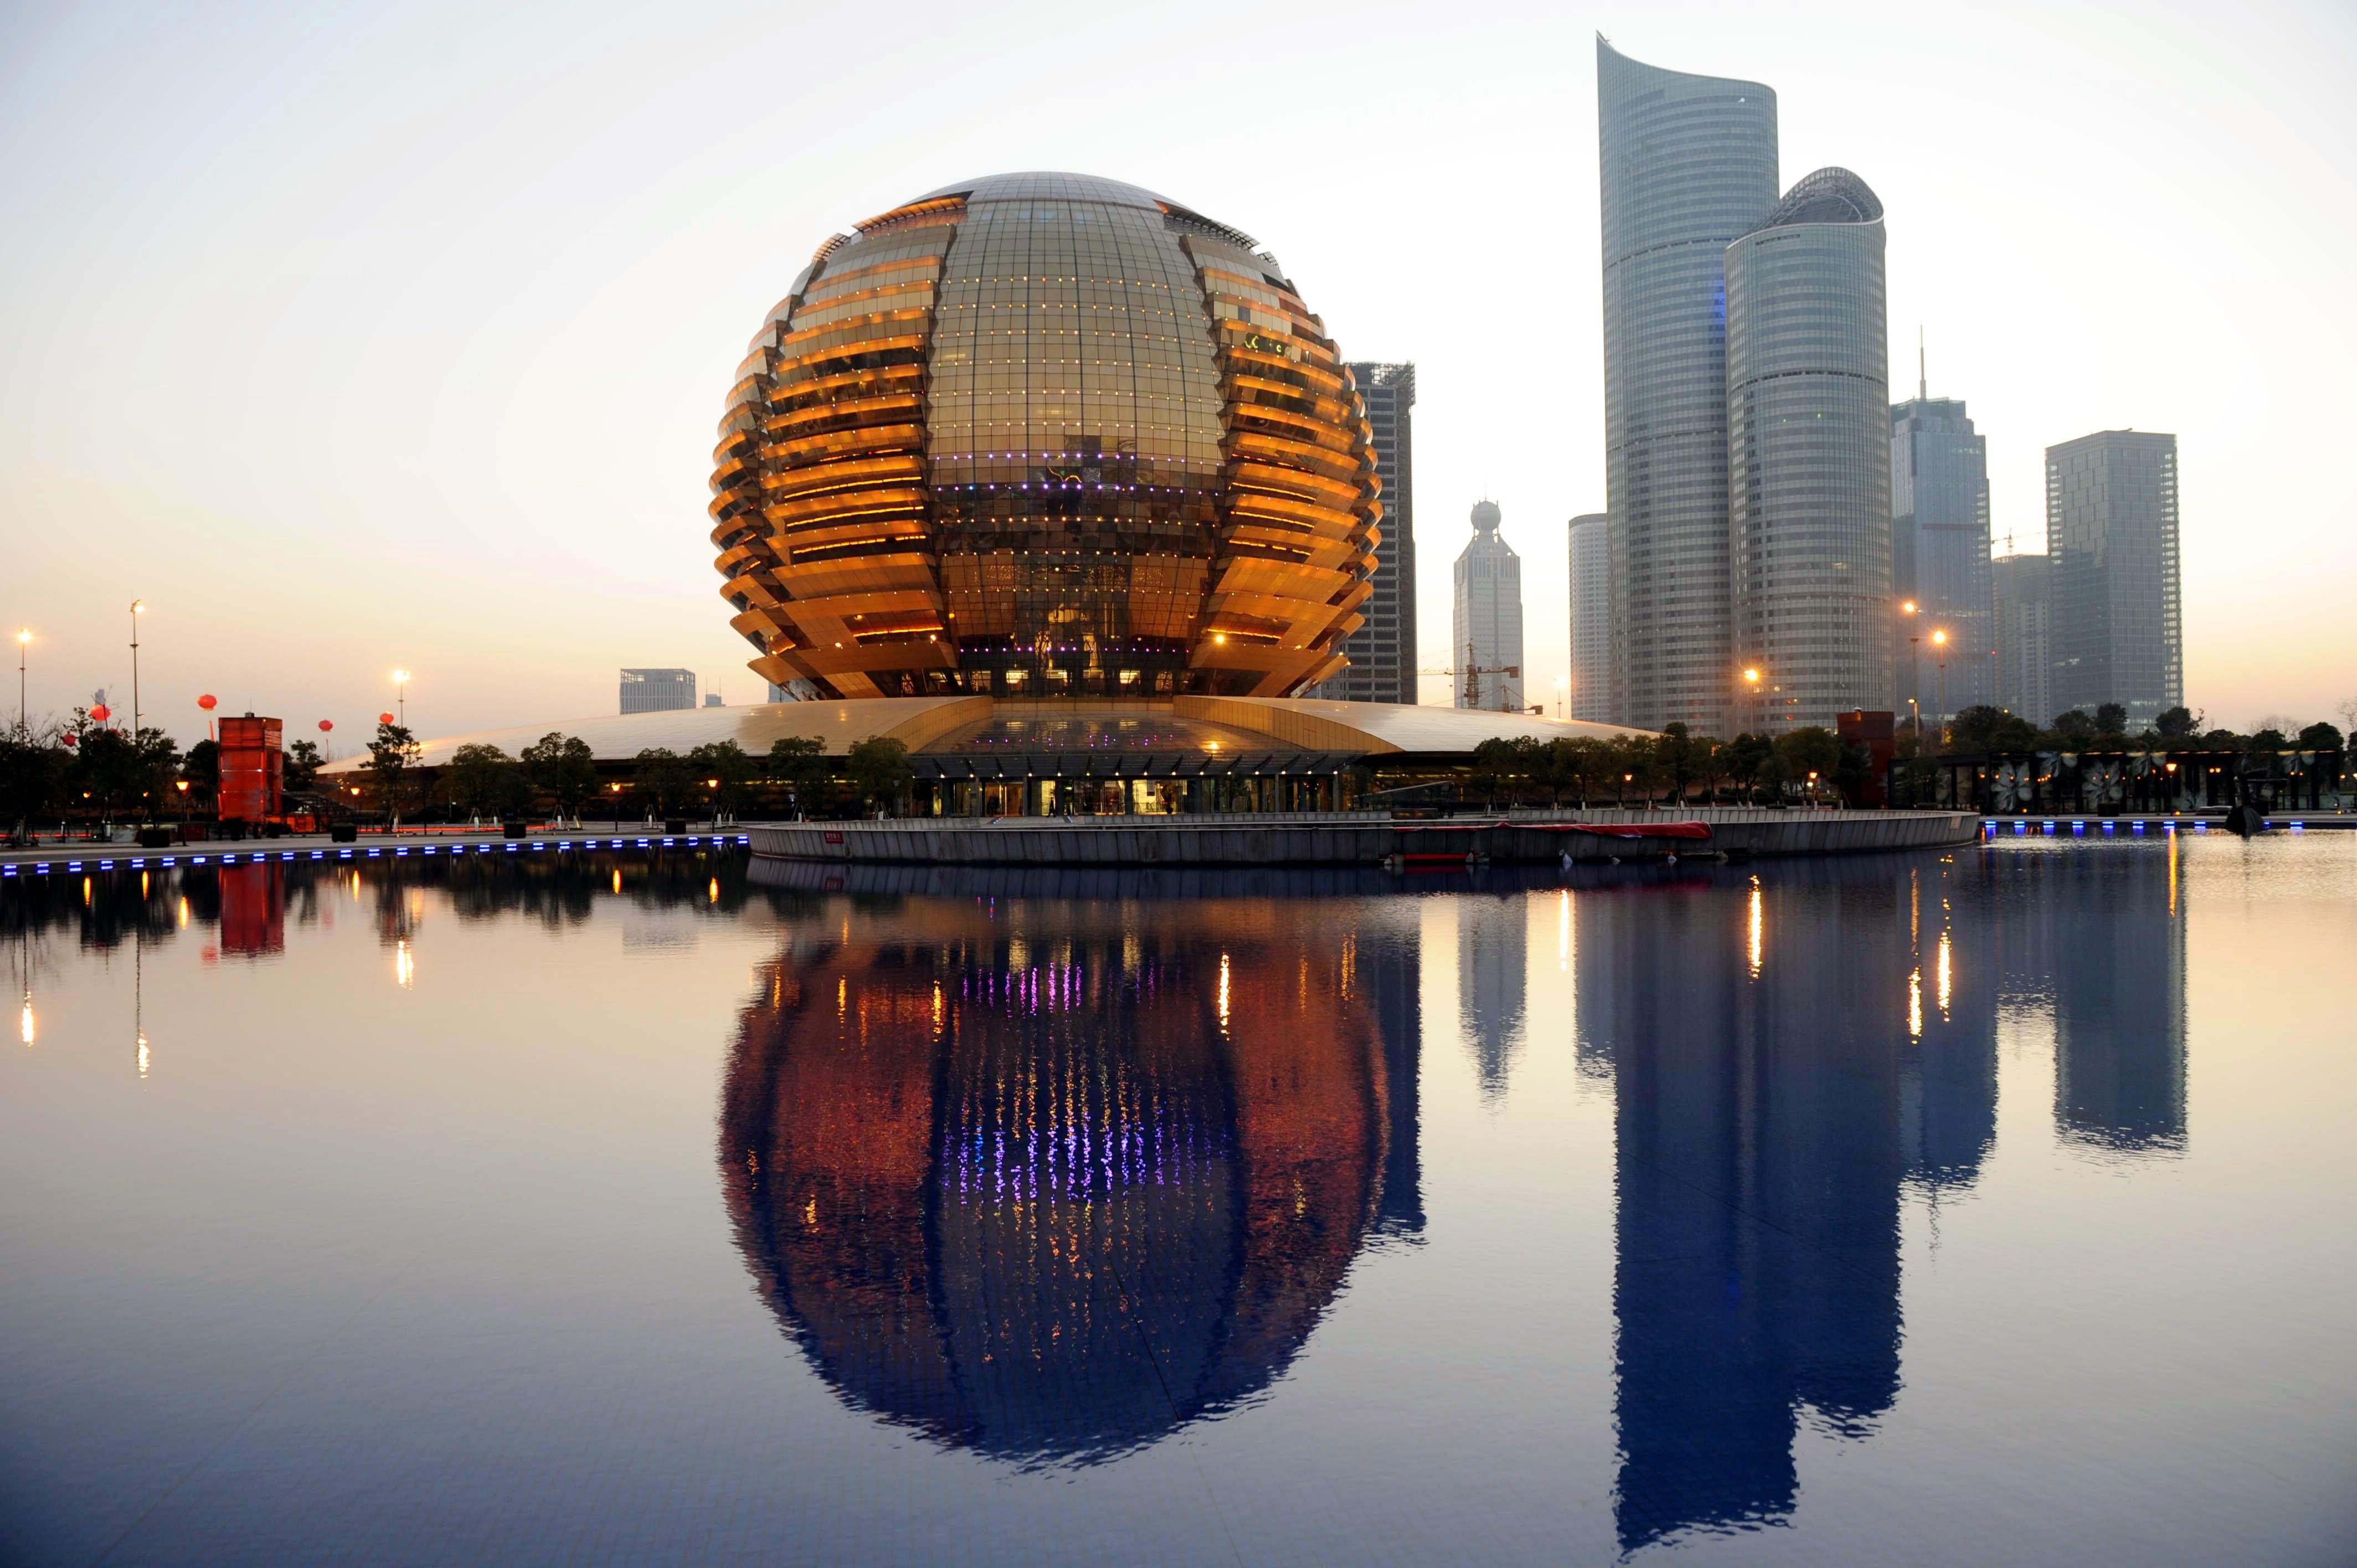 """Gedung konferensi internasional Hangzhou merupakan salah satu dari 10 """"bangunan terjelek"""" pada 2015. Foto: Imaginechina via AP Images."""